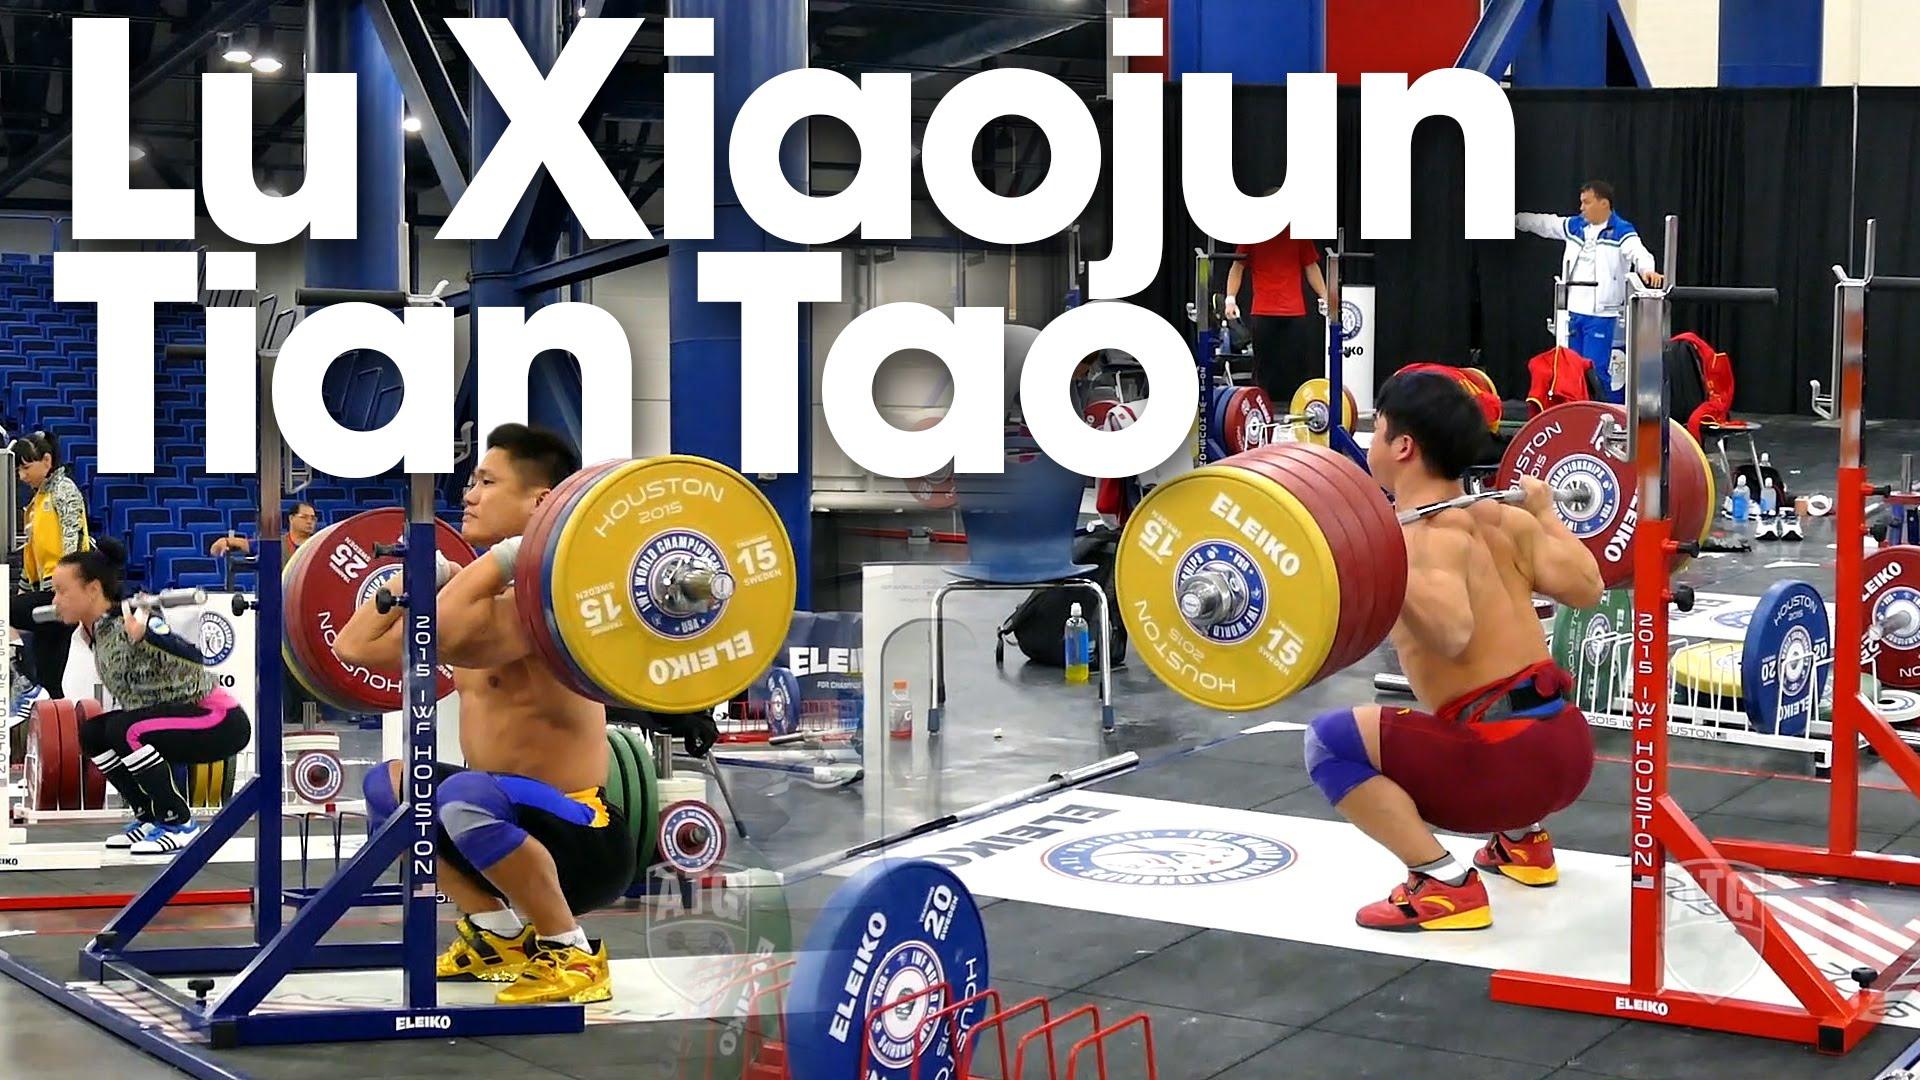 Lu xiaojun amp tian tao squat session 2015 world weightlifting